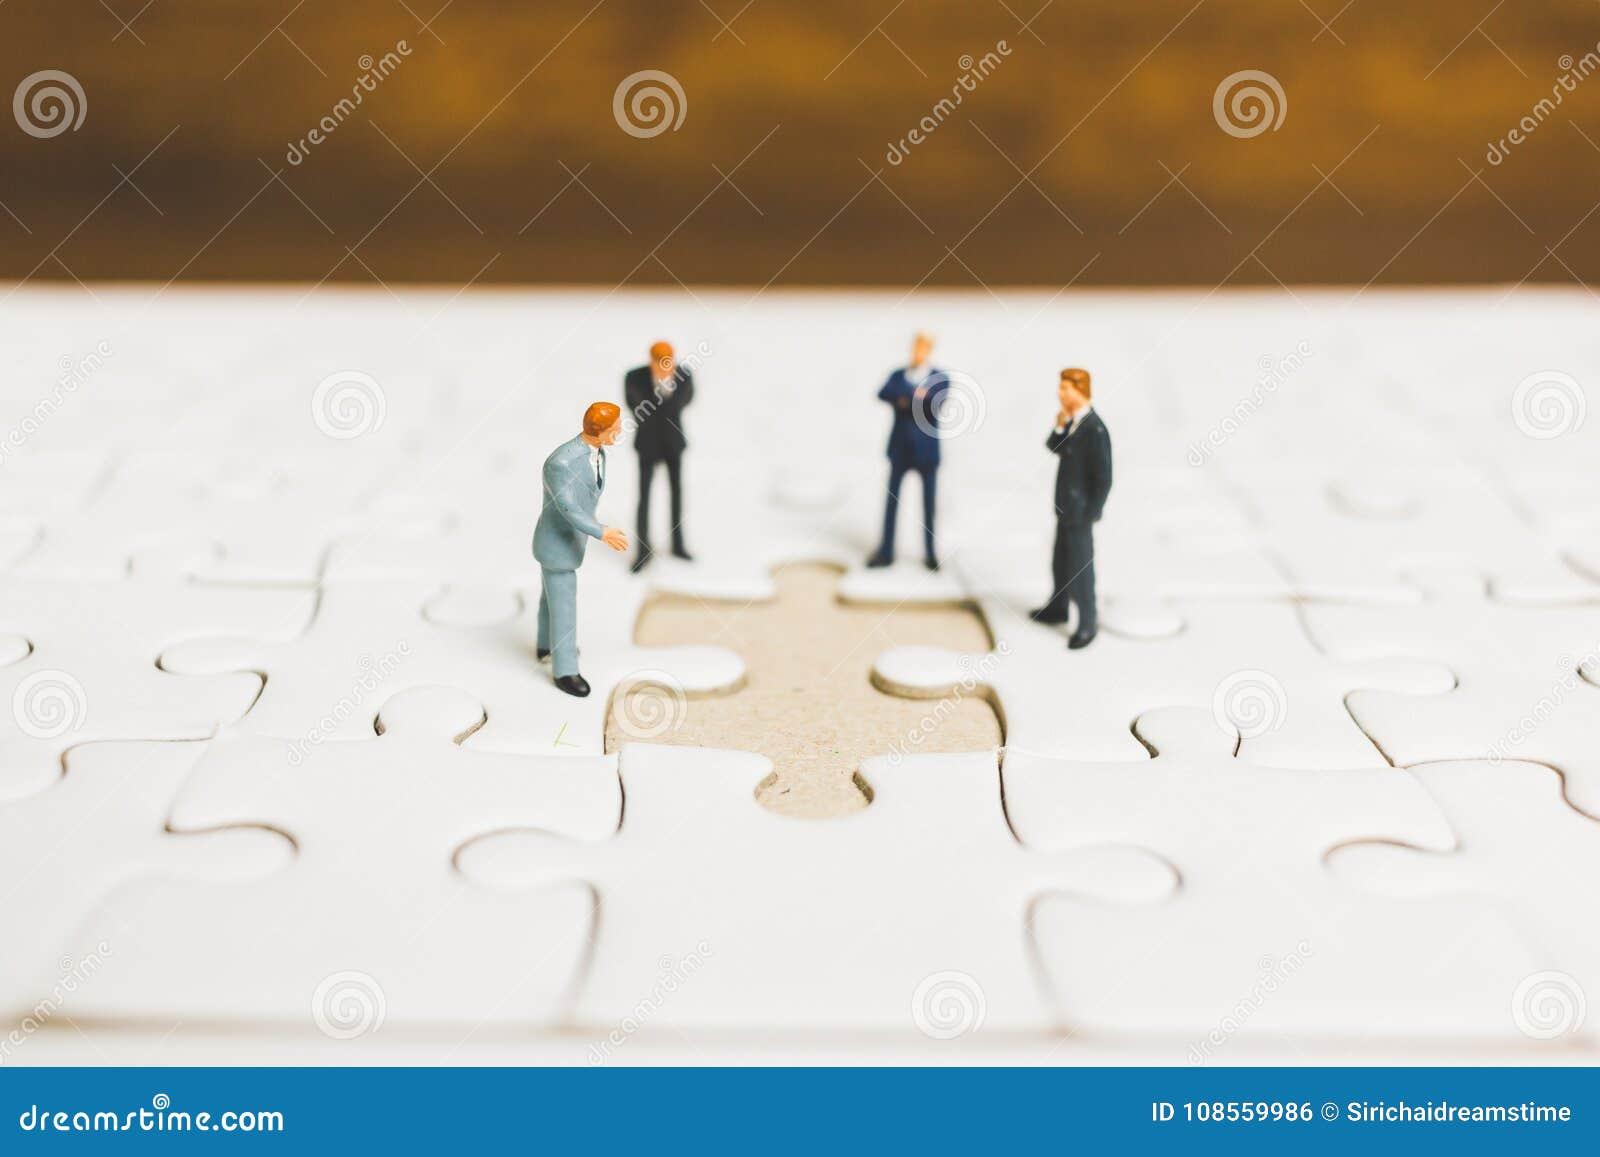 Miniaturleute: Geschäftsmann, der auf Laubsäge steht